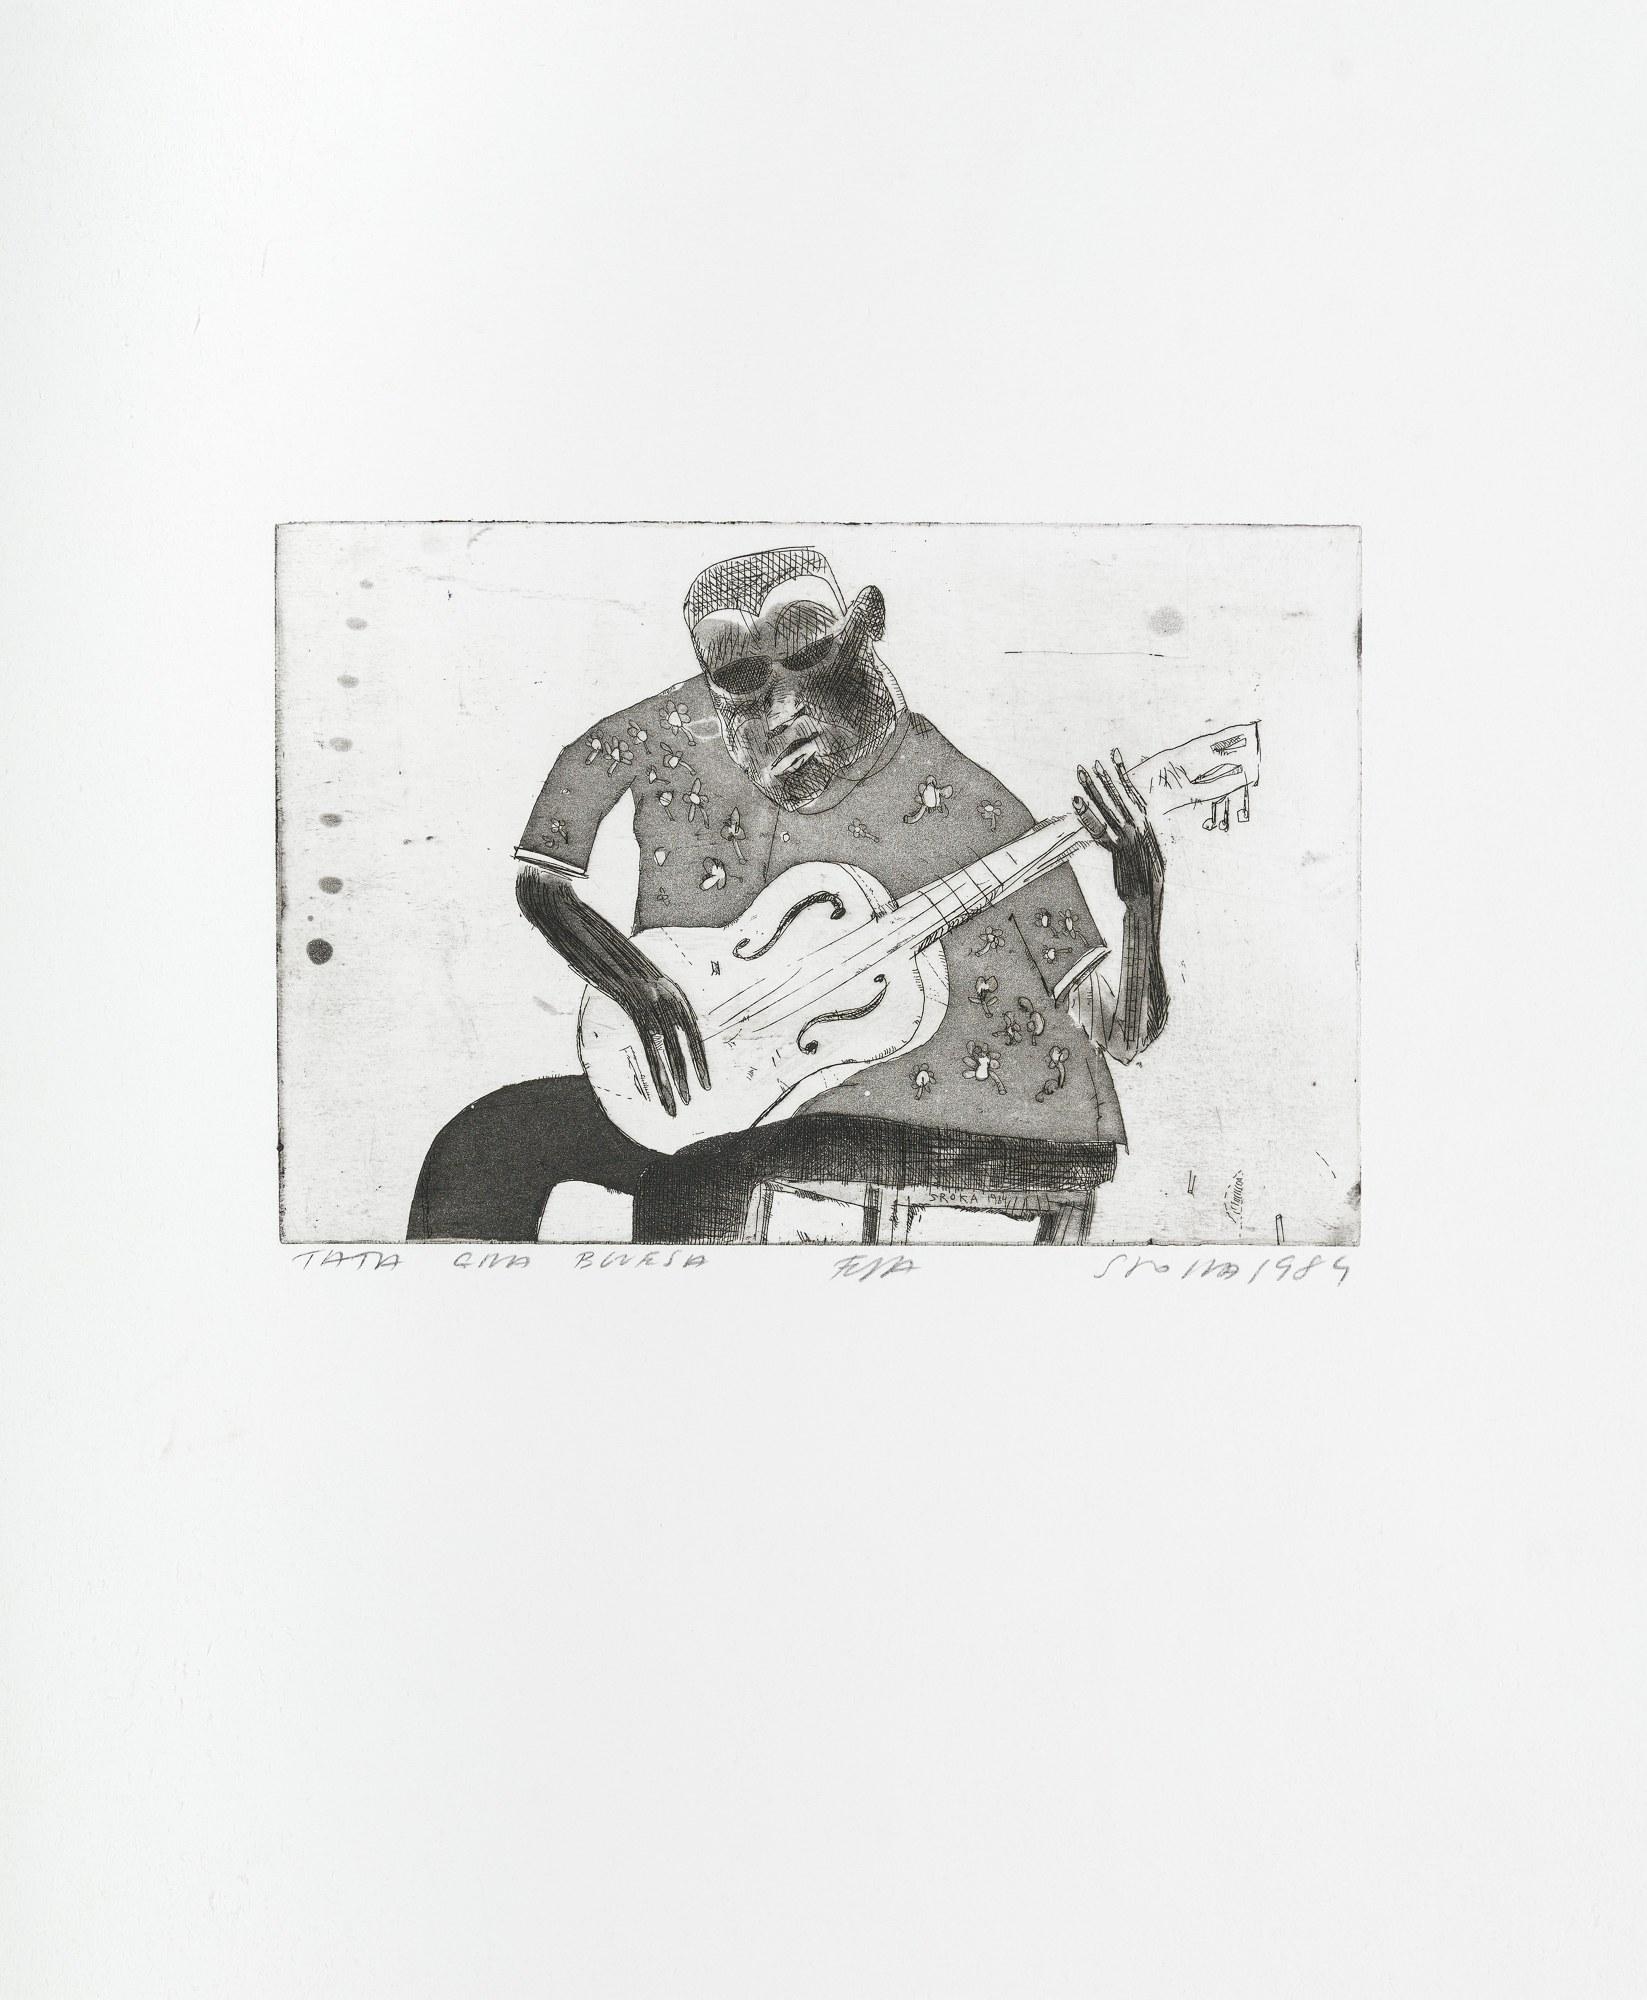 Tata gra bluesa, 1984